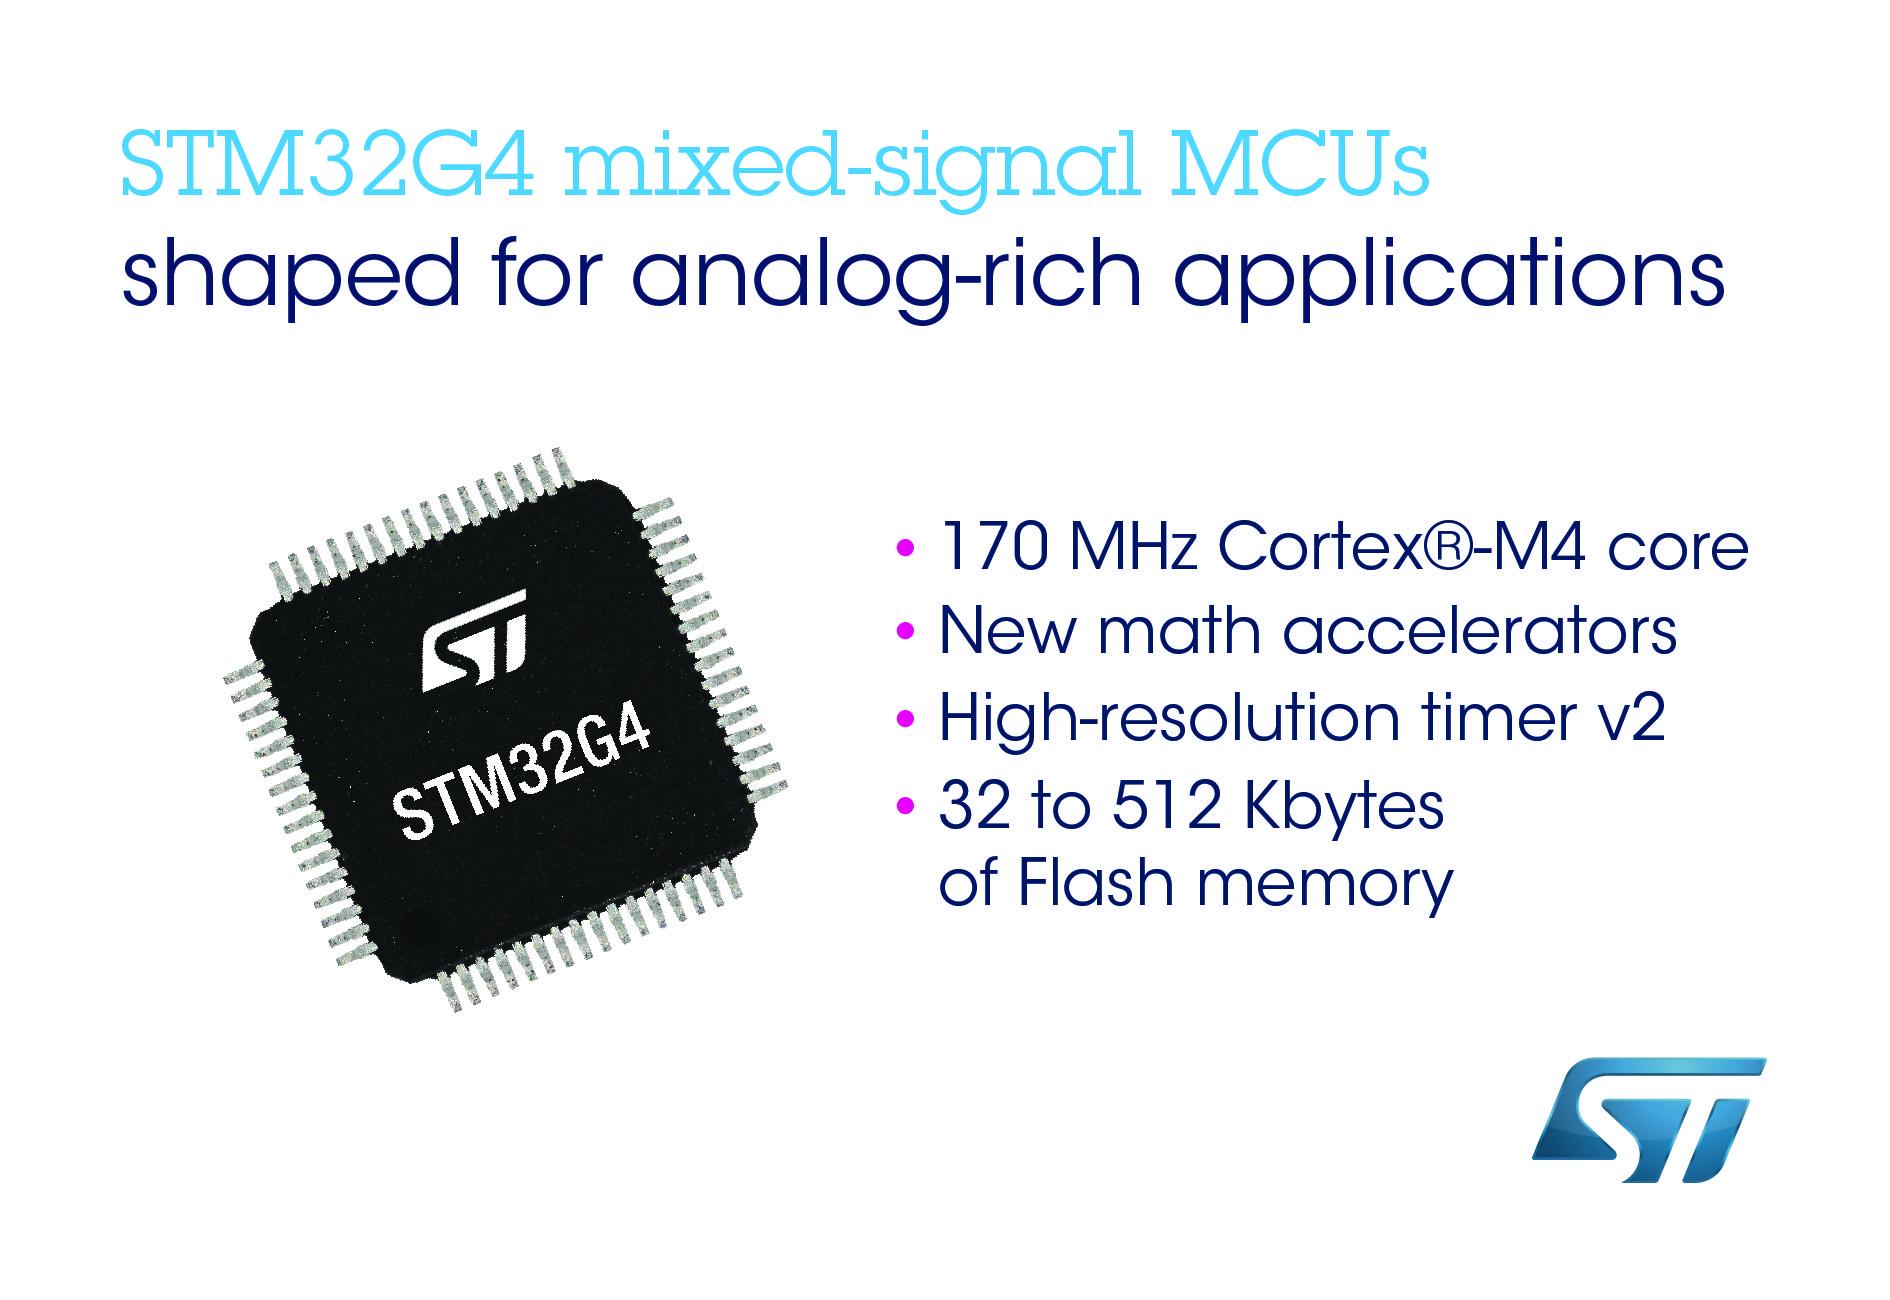 ST新闻稿5月29日——意法半导体发布STM32G4微控制器,提高下一代数字电源应用的性能、能效和安全性.jpg